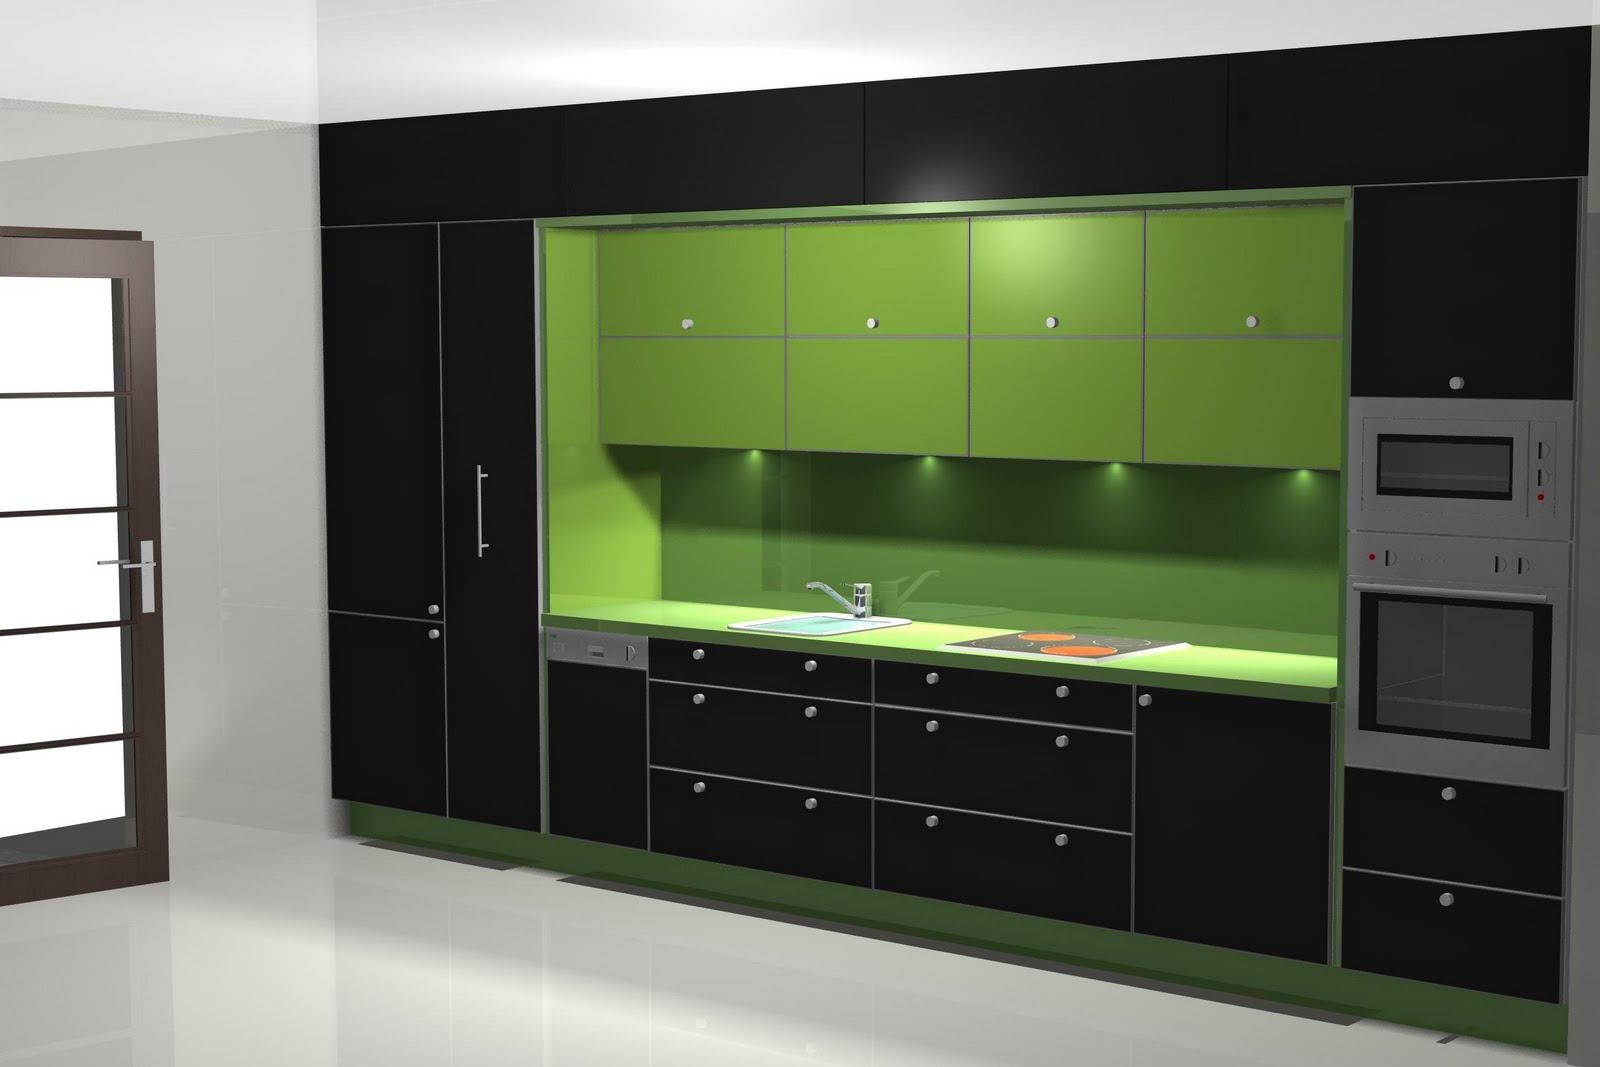 Dise o muebles de cocina dise o de cocina en linea - Diseno de cocina ...